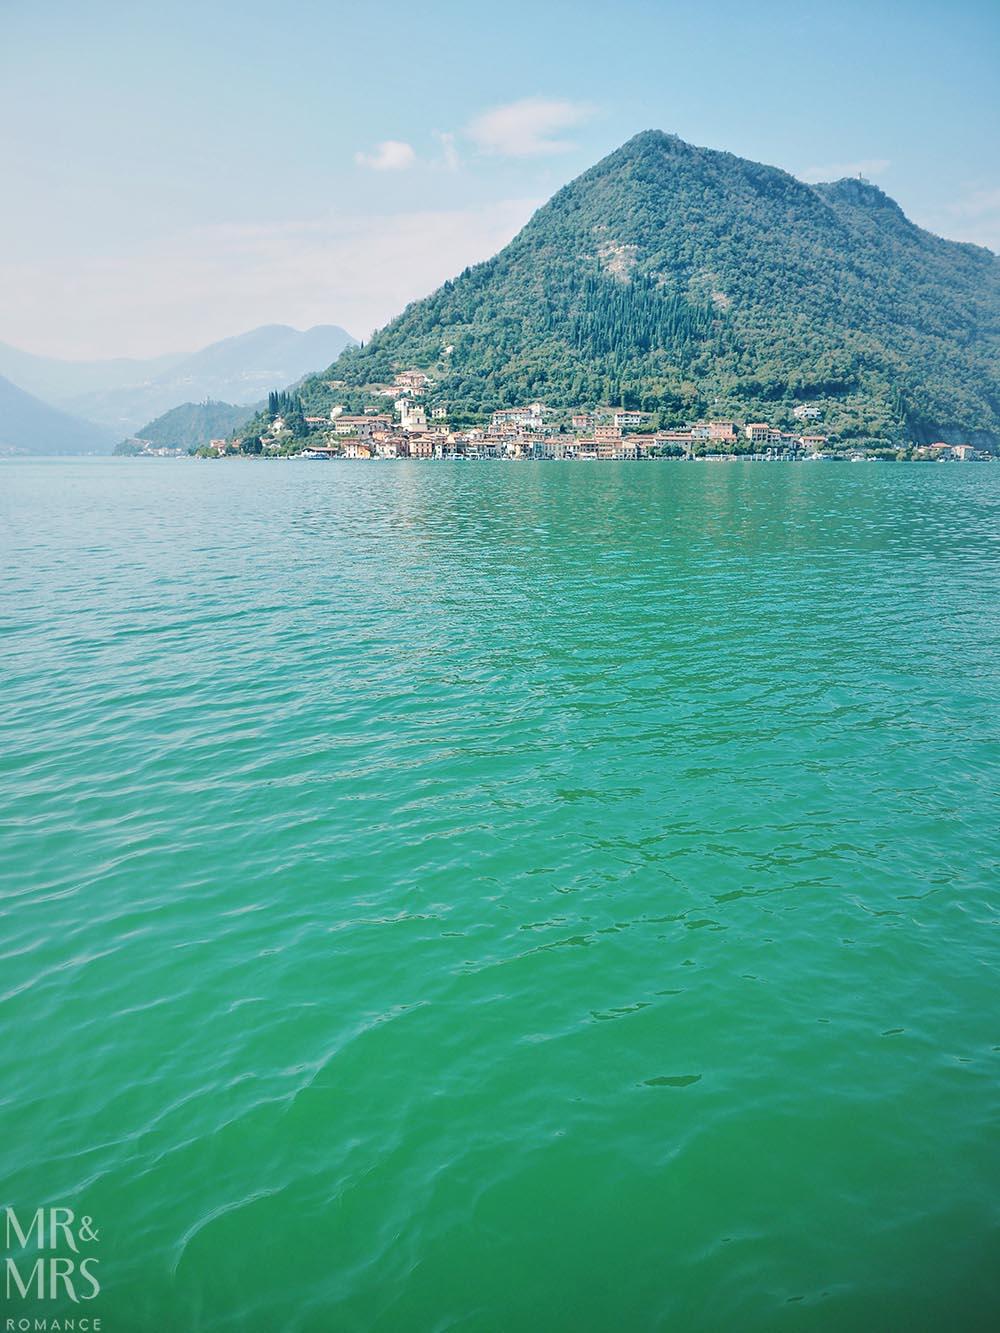 Monte Isola, Lake Iseo, Italy